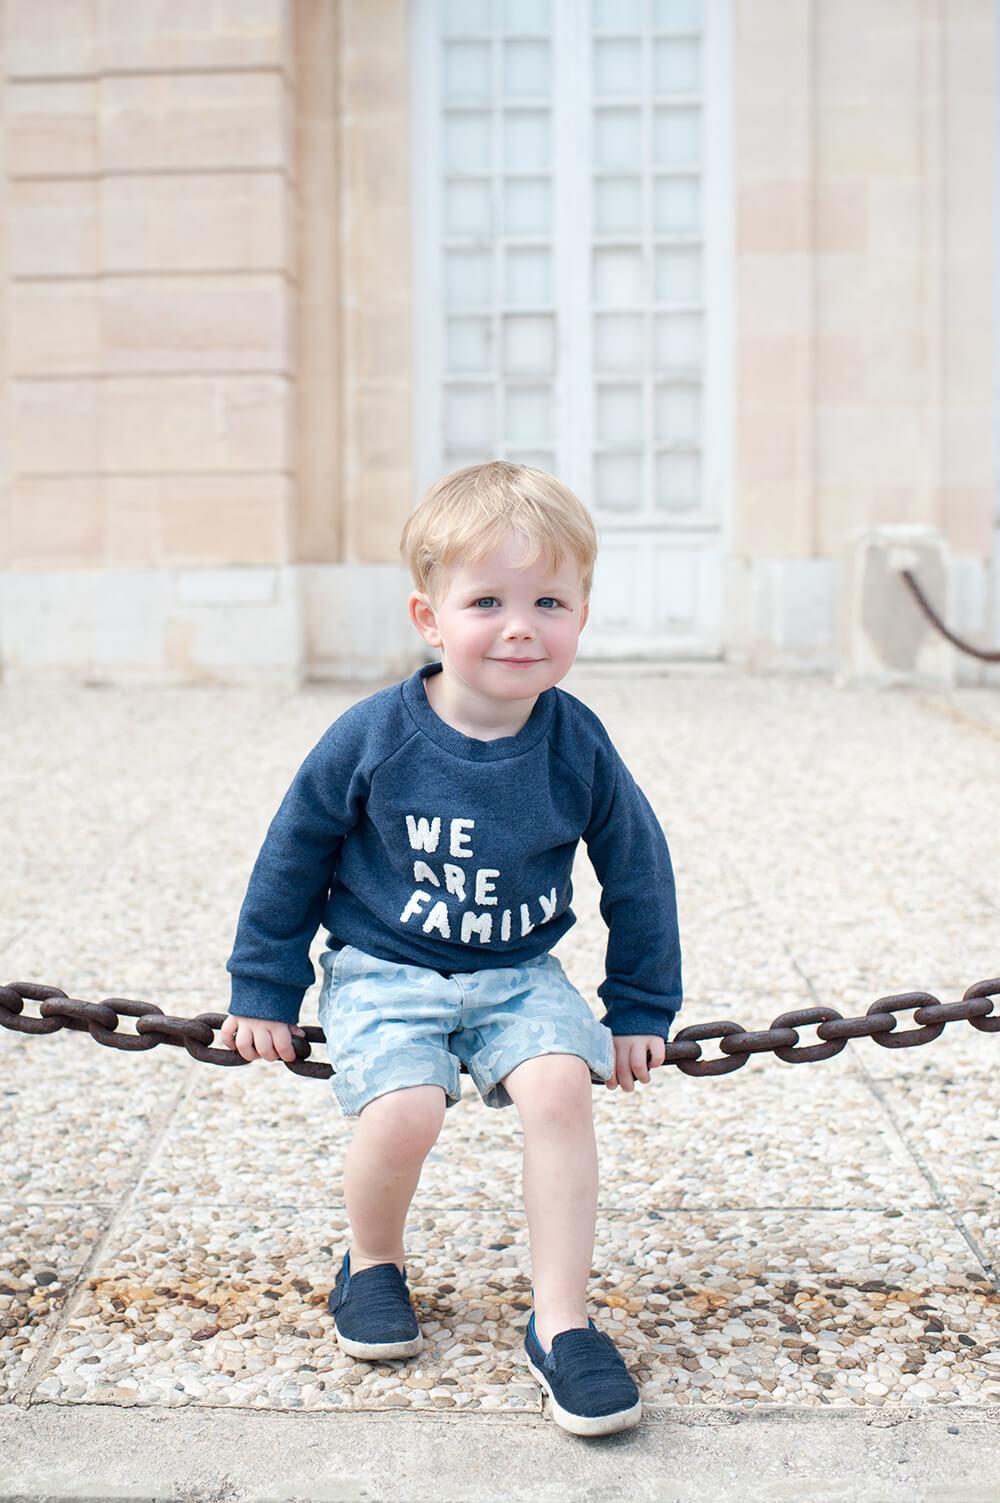 Blondinet jouant à se balancer sur une chaine.